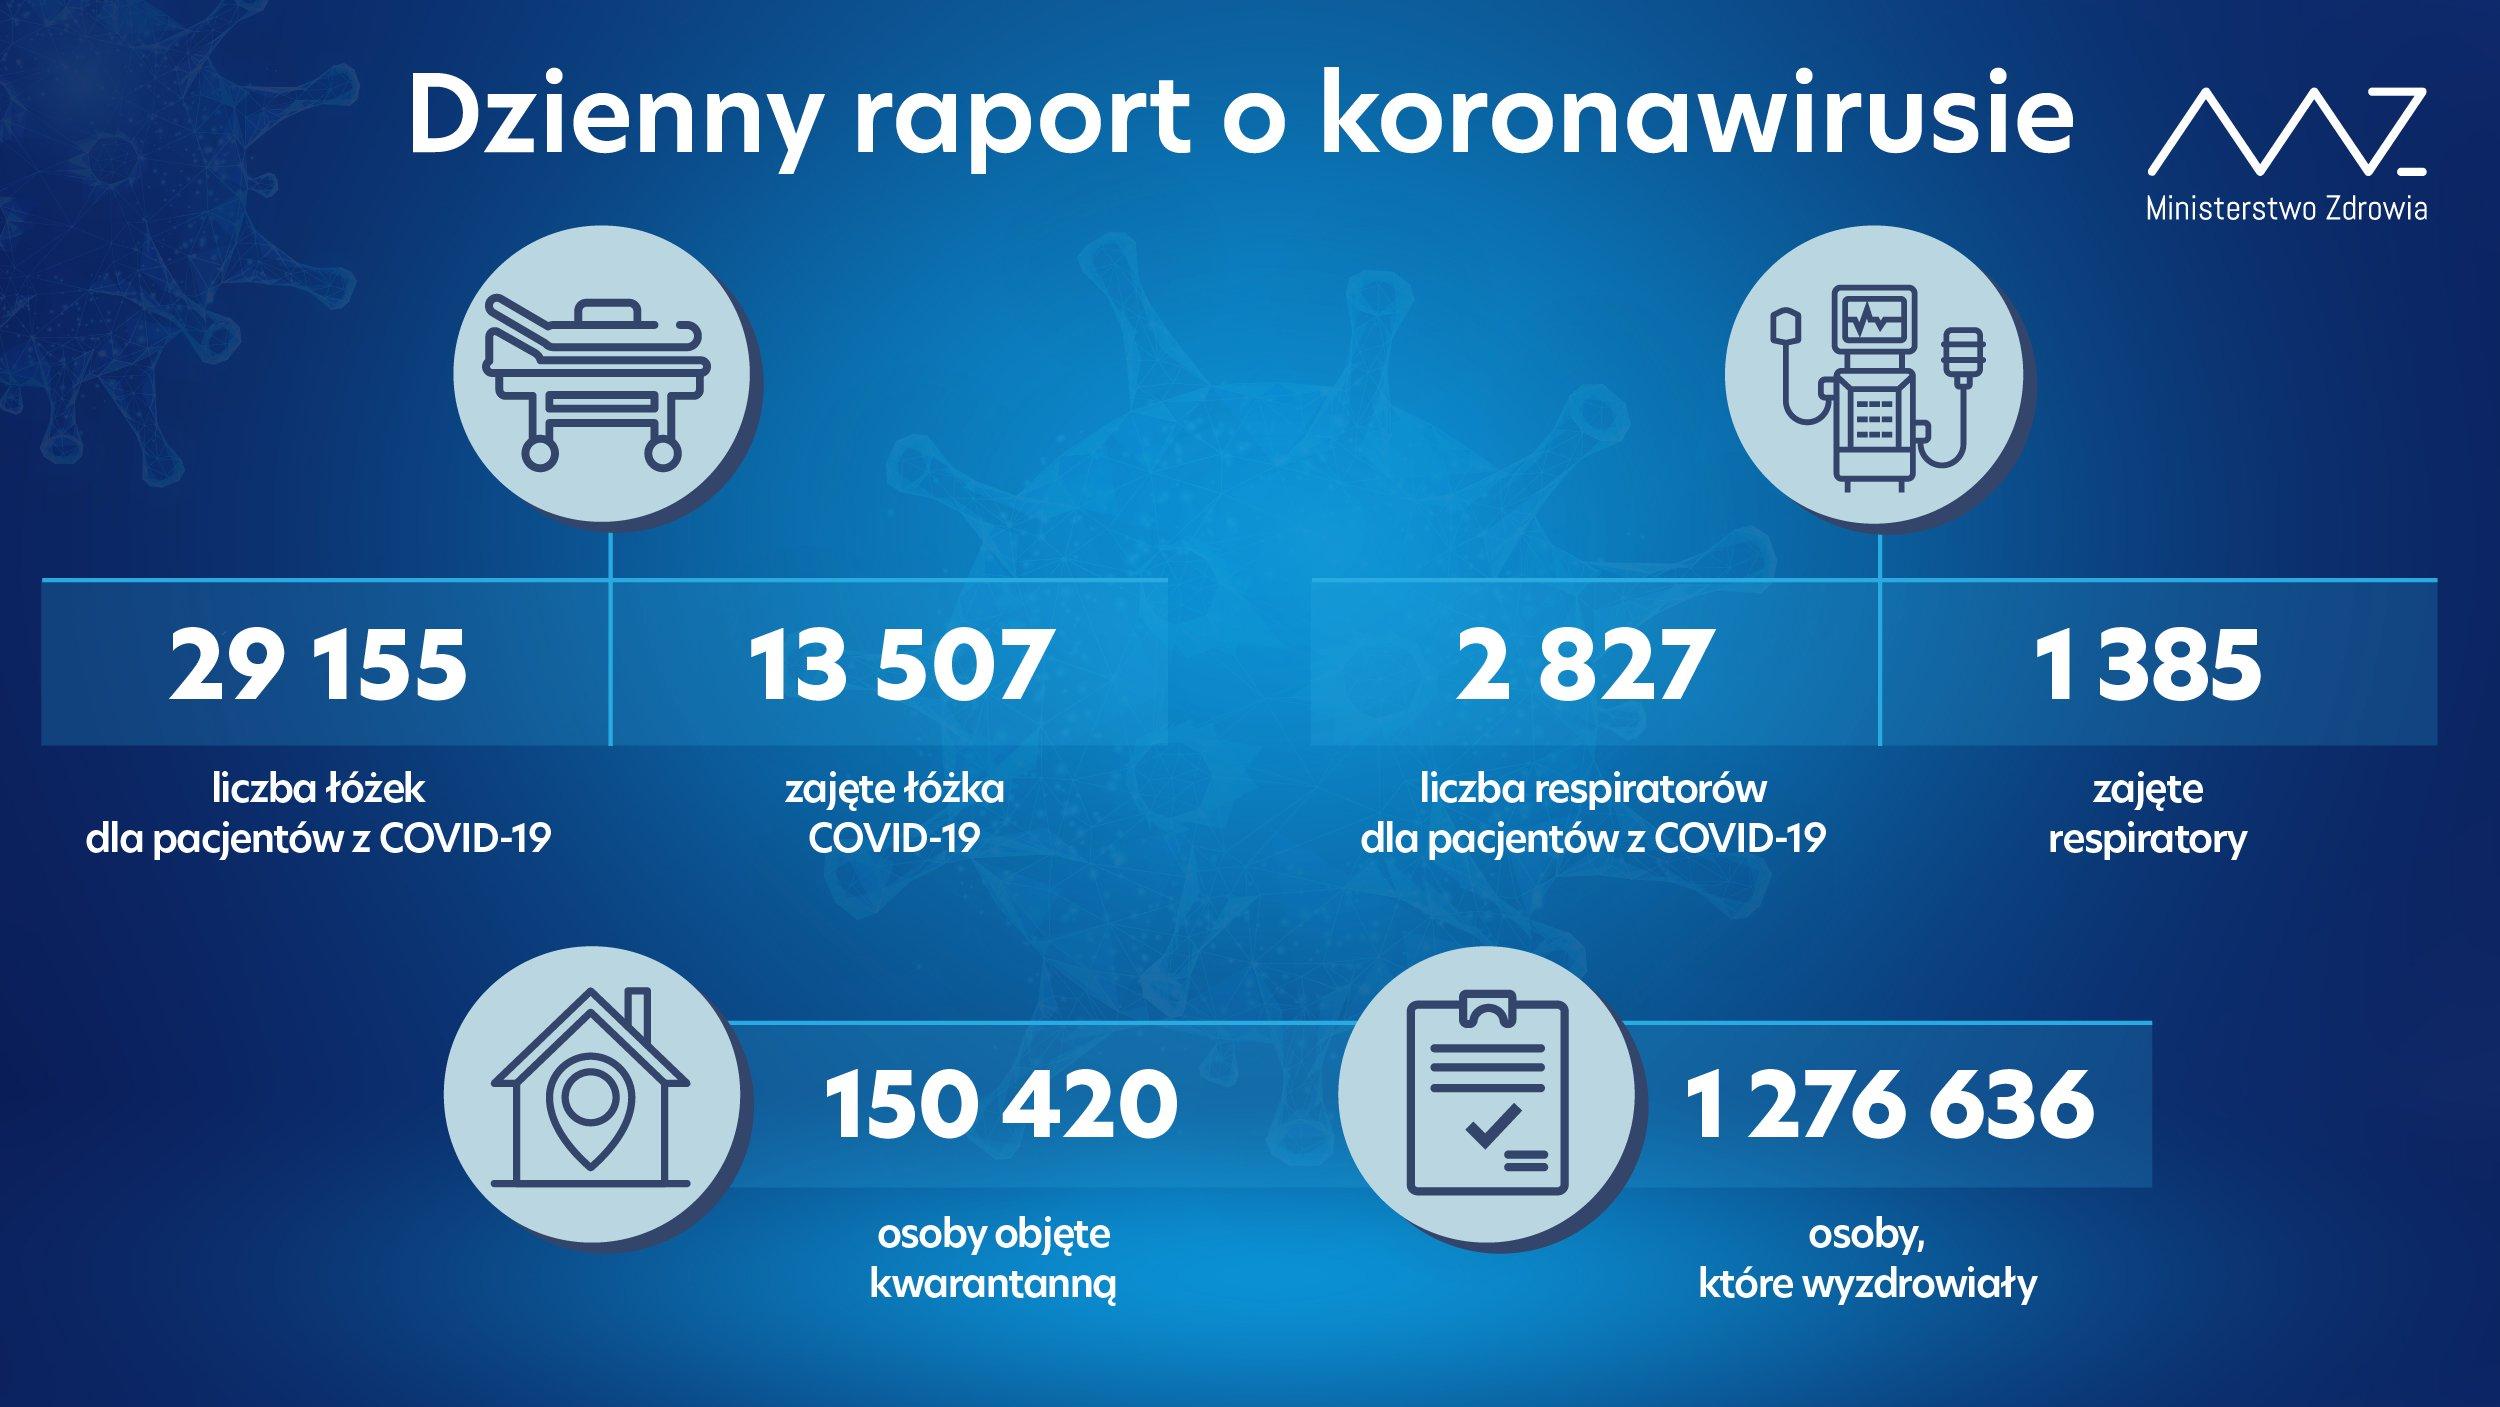 - liczba łóżek dla pacjentów z COVID-19: 29 155 - liczba łóżek zajętych: 13 507 - liczba respiratorów dla pacjentów z COVID-19: 2 827 - liczba zajętych respiratorów: 1 385 - liczba osób objętych kwarantanną: 150 420 - liczba osób, które wyzdrowiały: 1 276 636